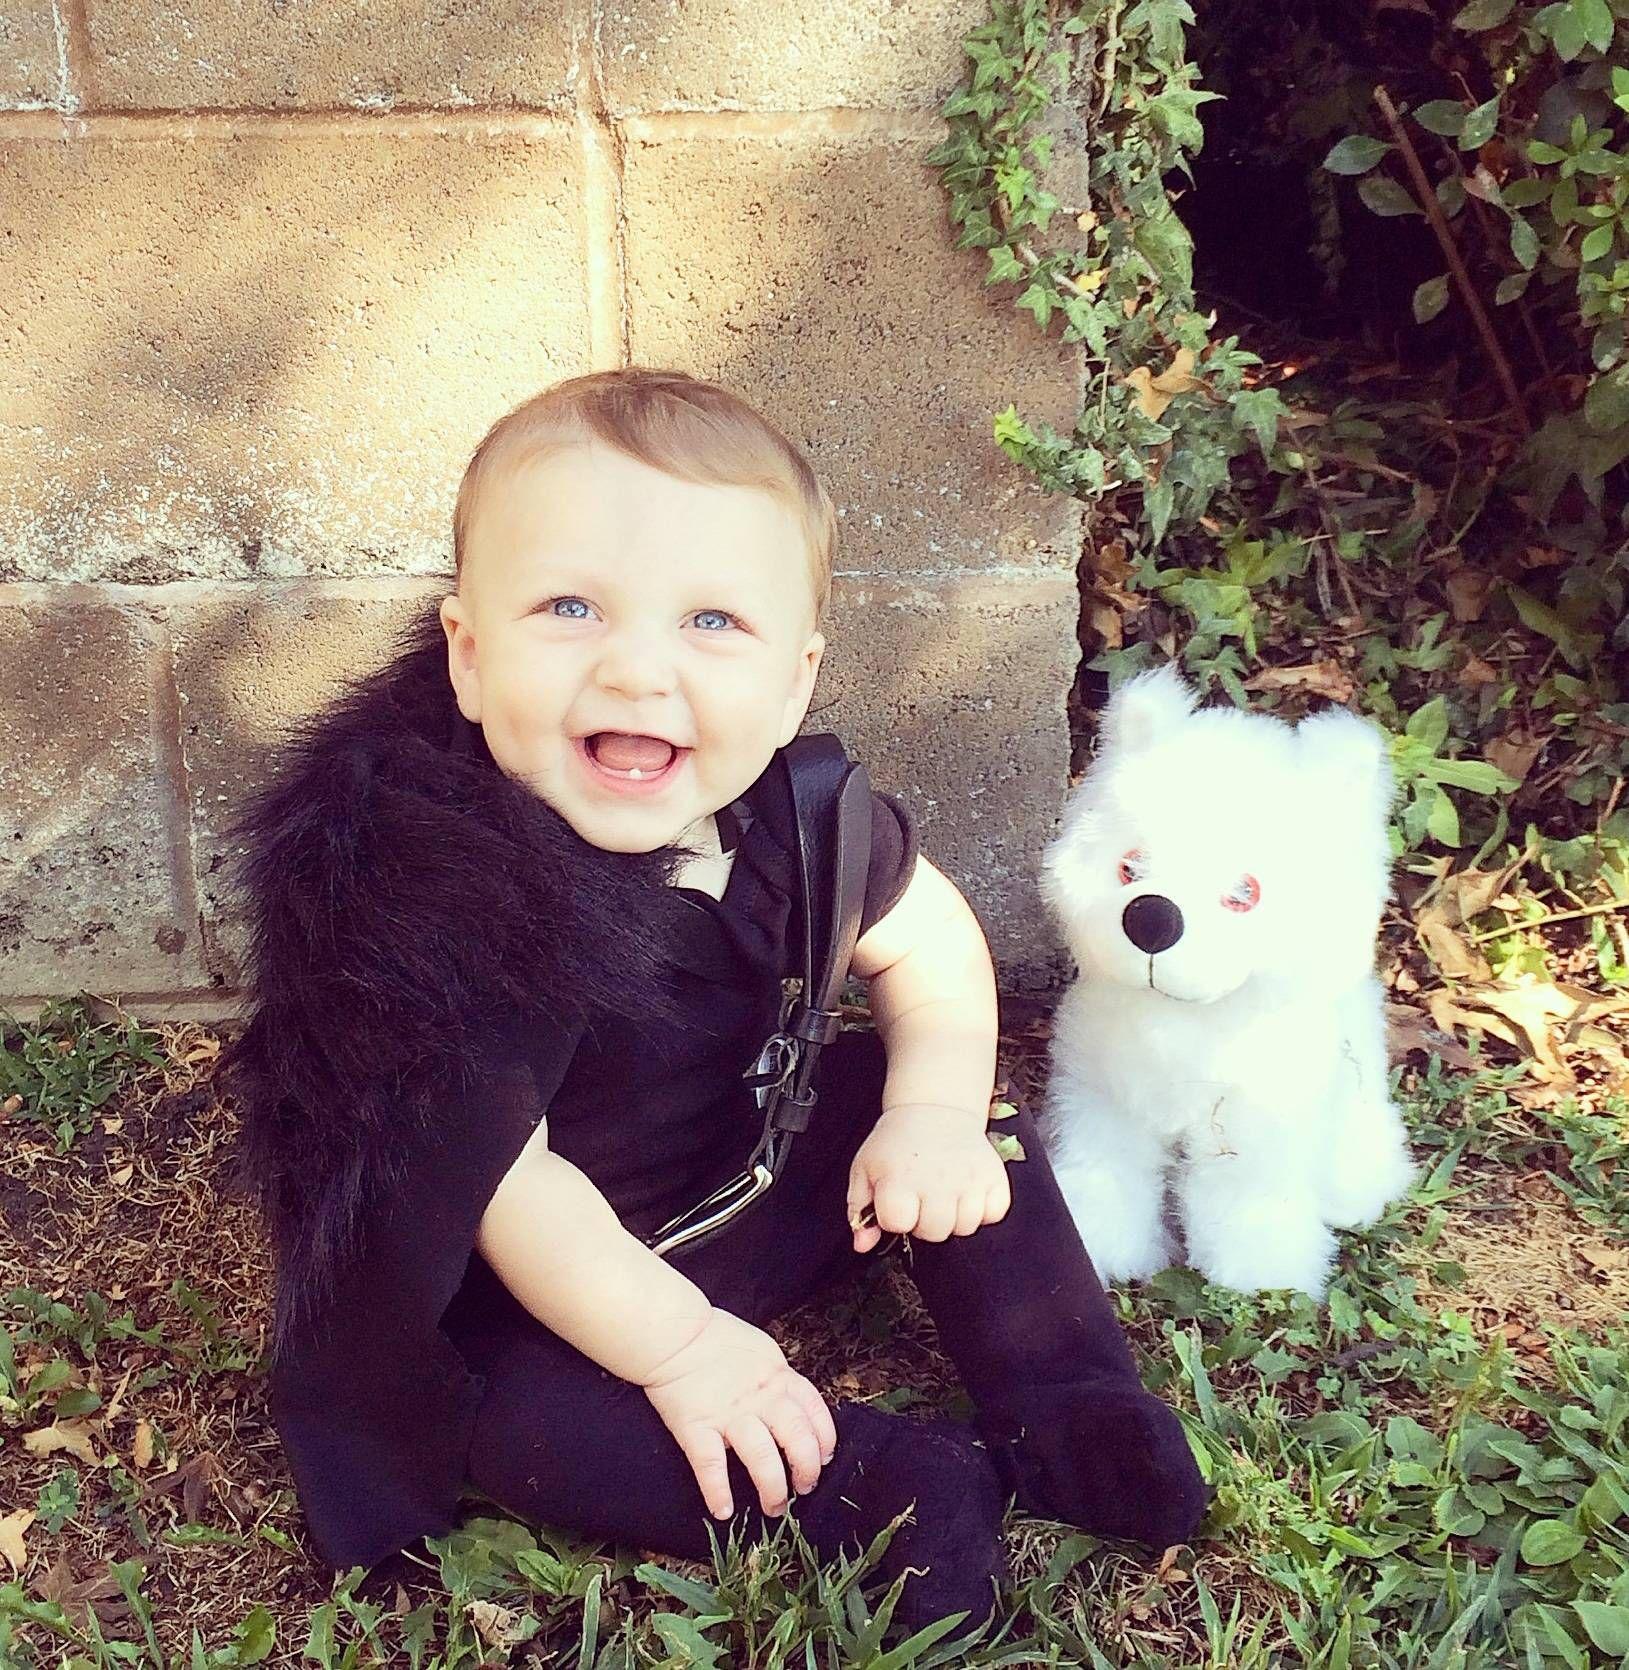 31 Killer 'Game of Thrones' Halloween Costumes | Halloween ...